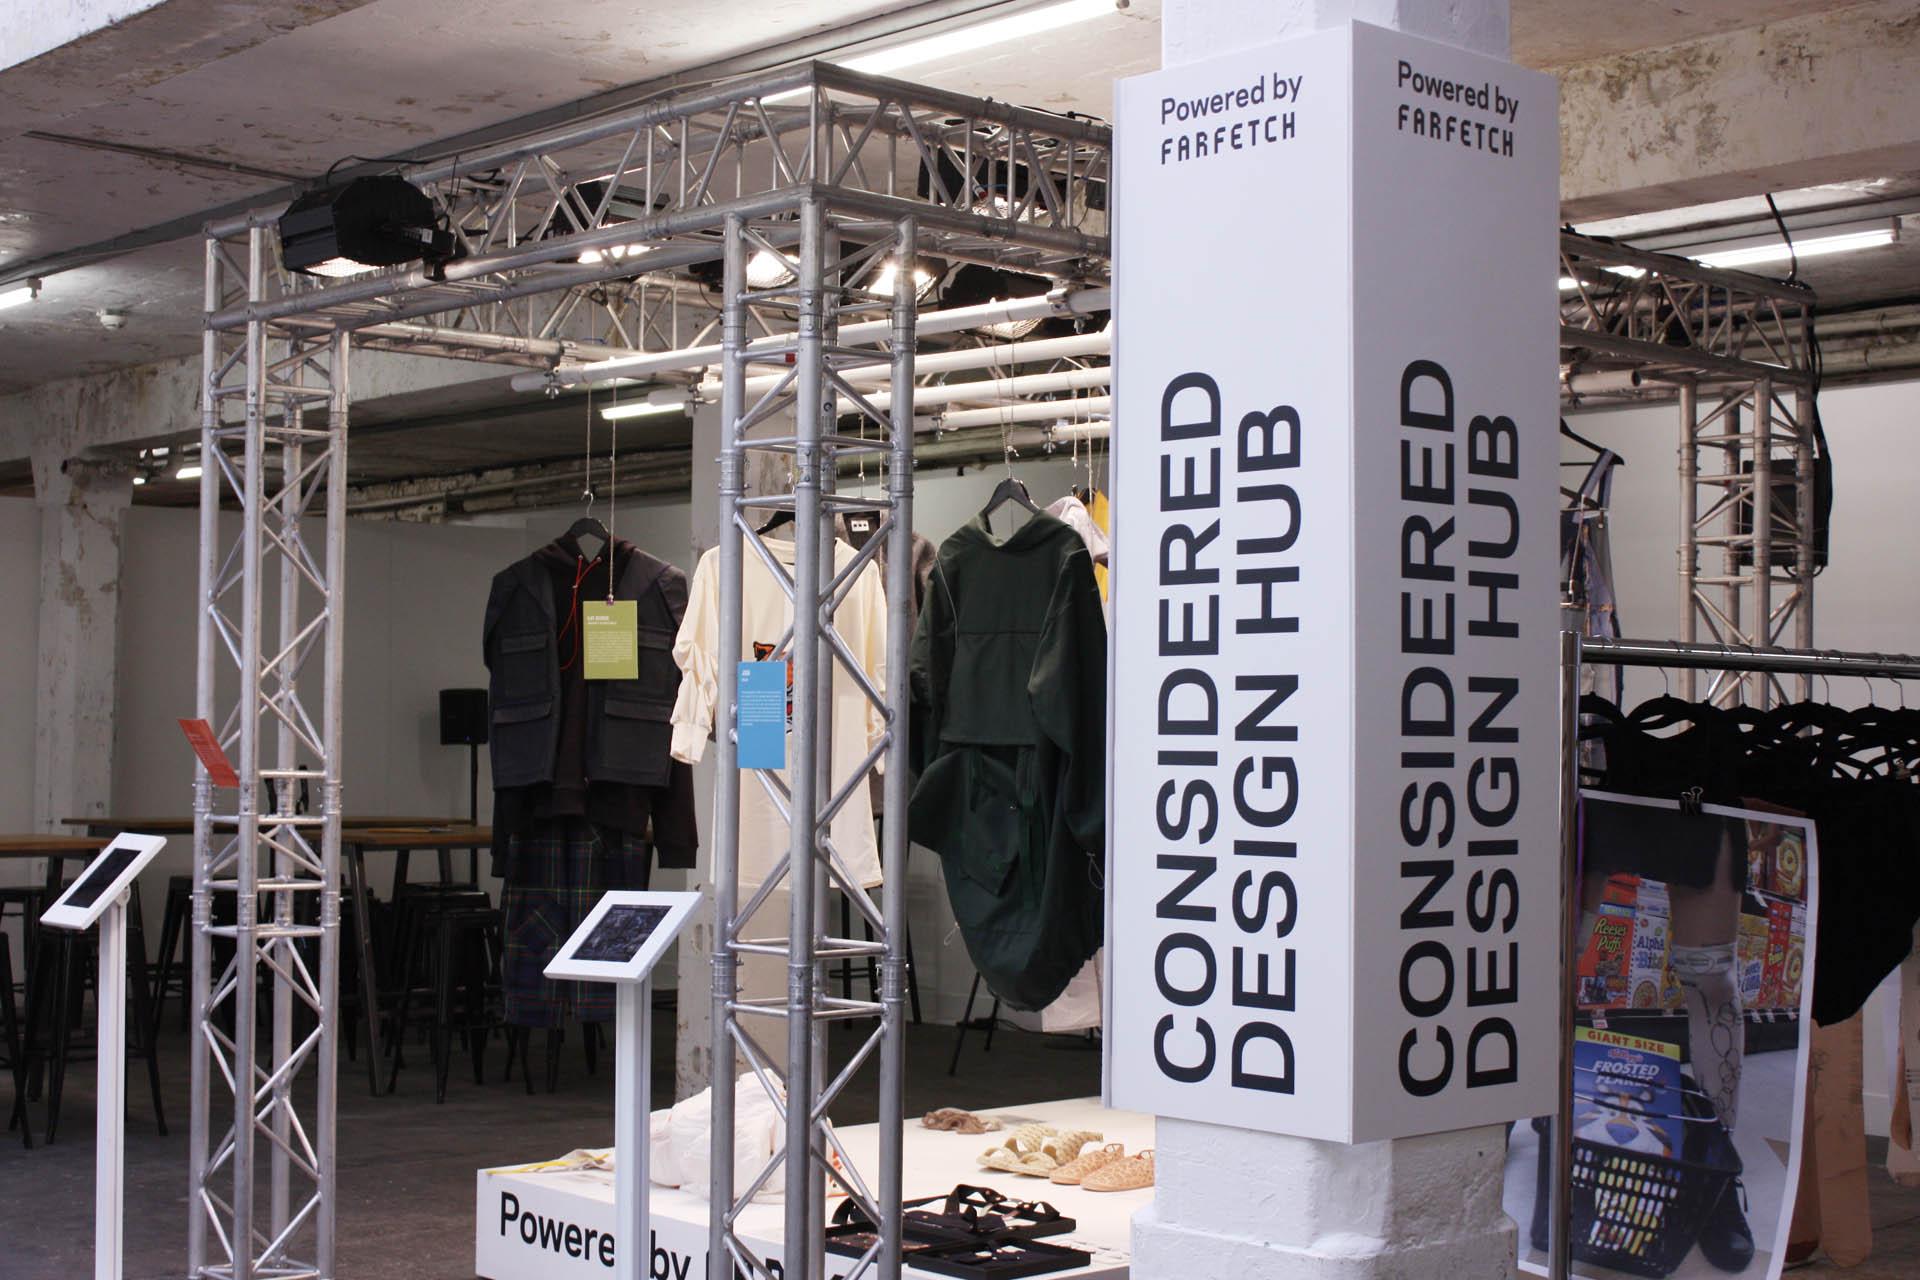 considered design hub powered by farfetch pillar signage work